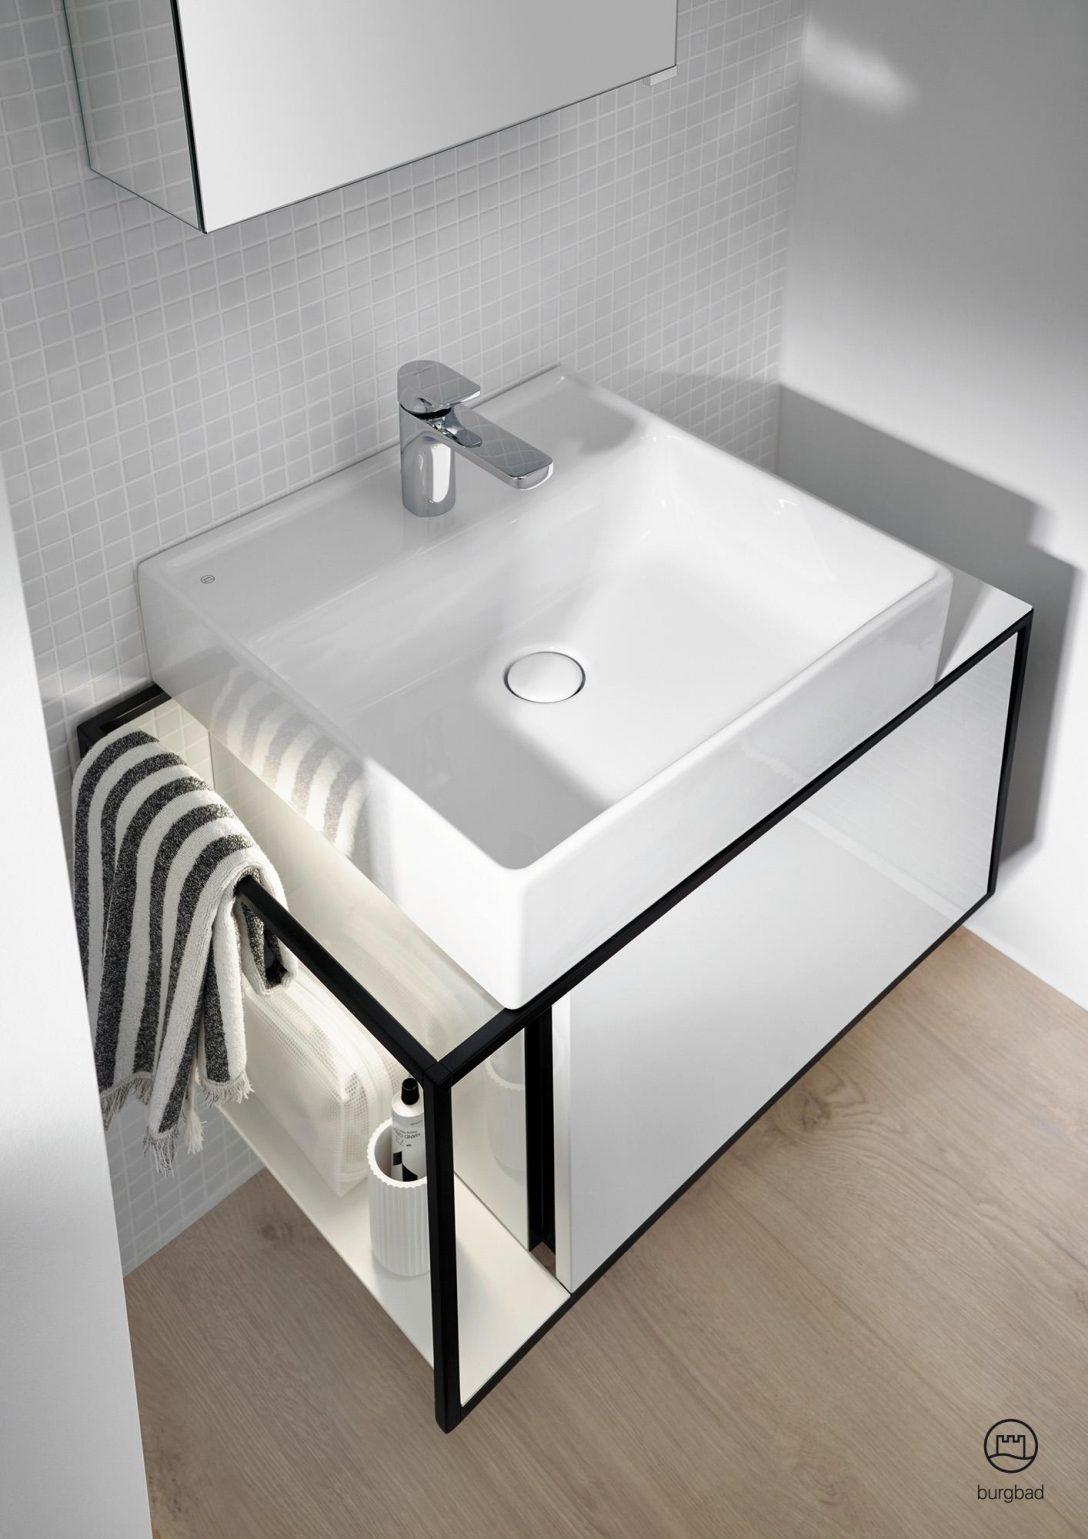 Large Size of Einzelschränke Küche Modulküche Grillplatte Mini Wandbelag Led Deckenleuchte Selbst Zusammenstellen Abfallbehälter L Form Einlegeböden Küche Keramik Waschbecken Küche